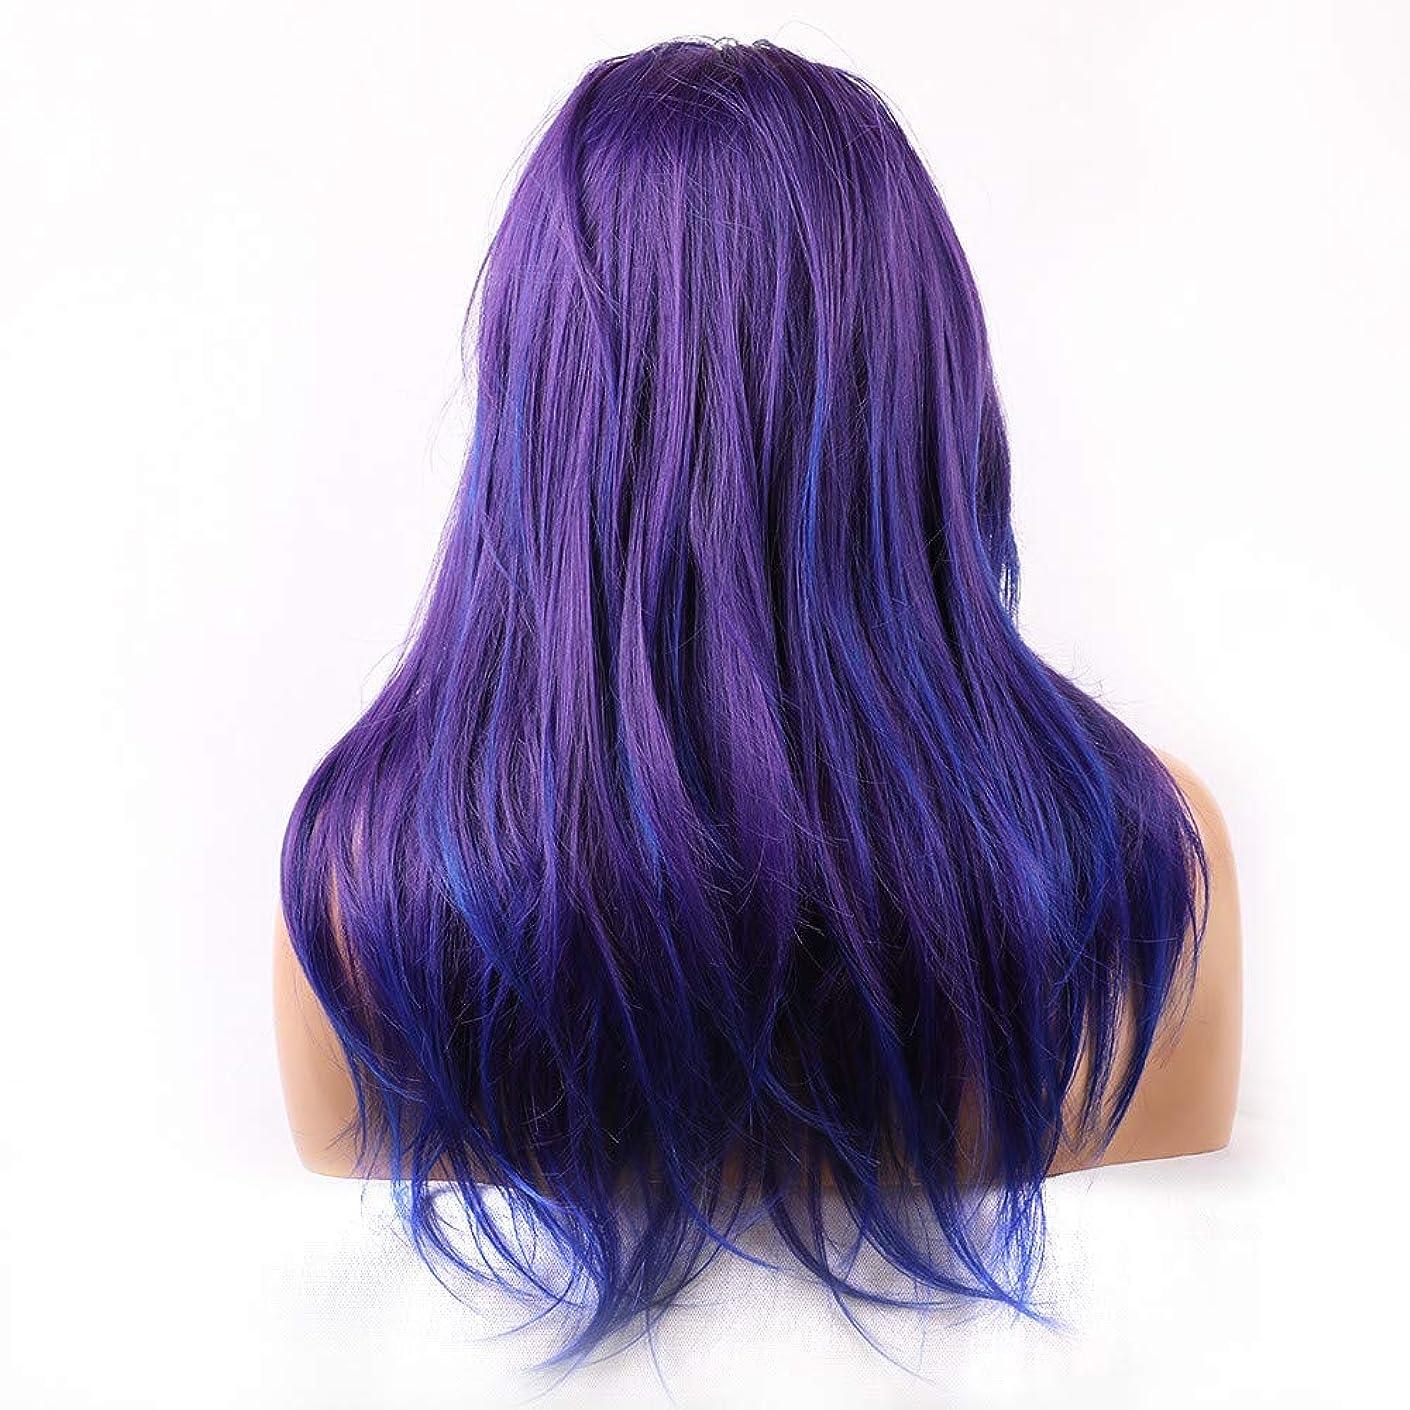 従事する感謝する繊細レースCOSの小道具の前に女性の青い長い巻き毛のかつらをかつら